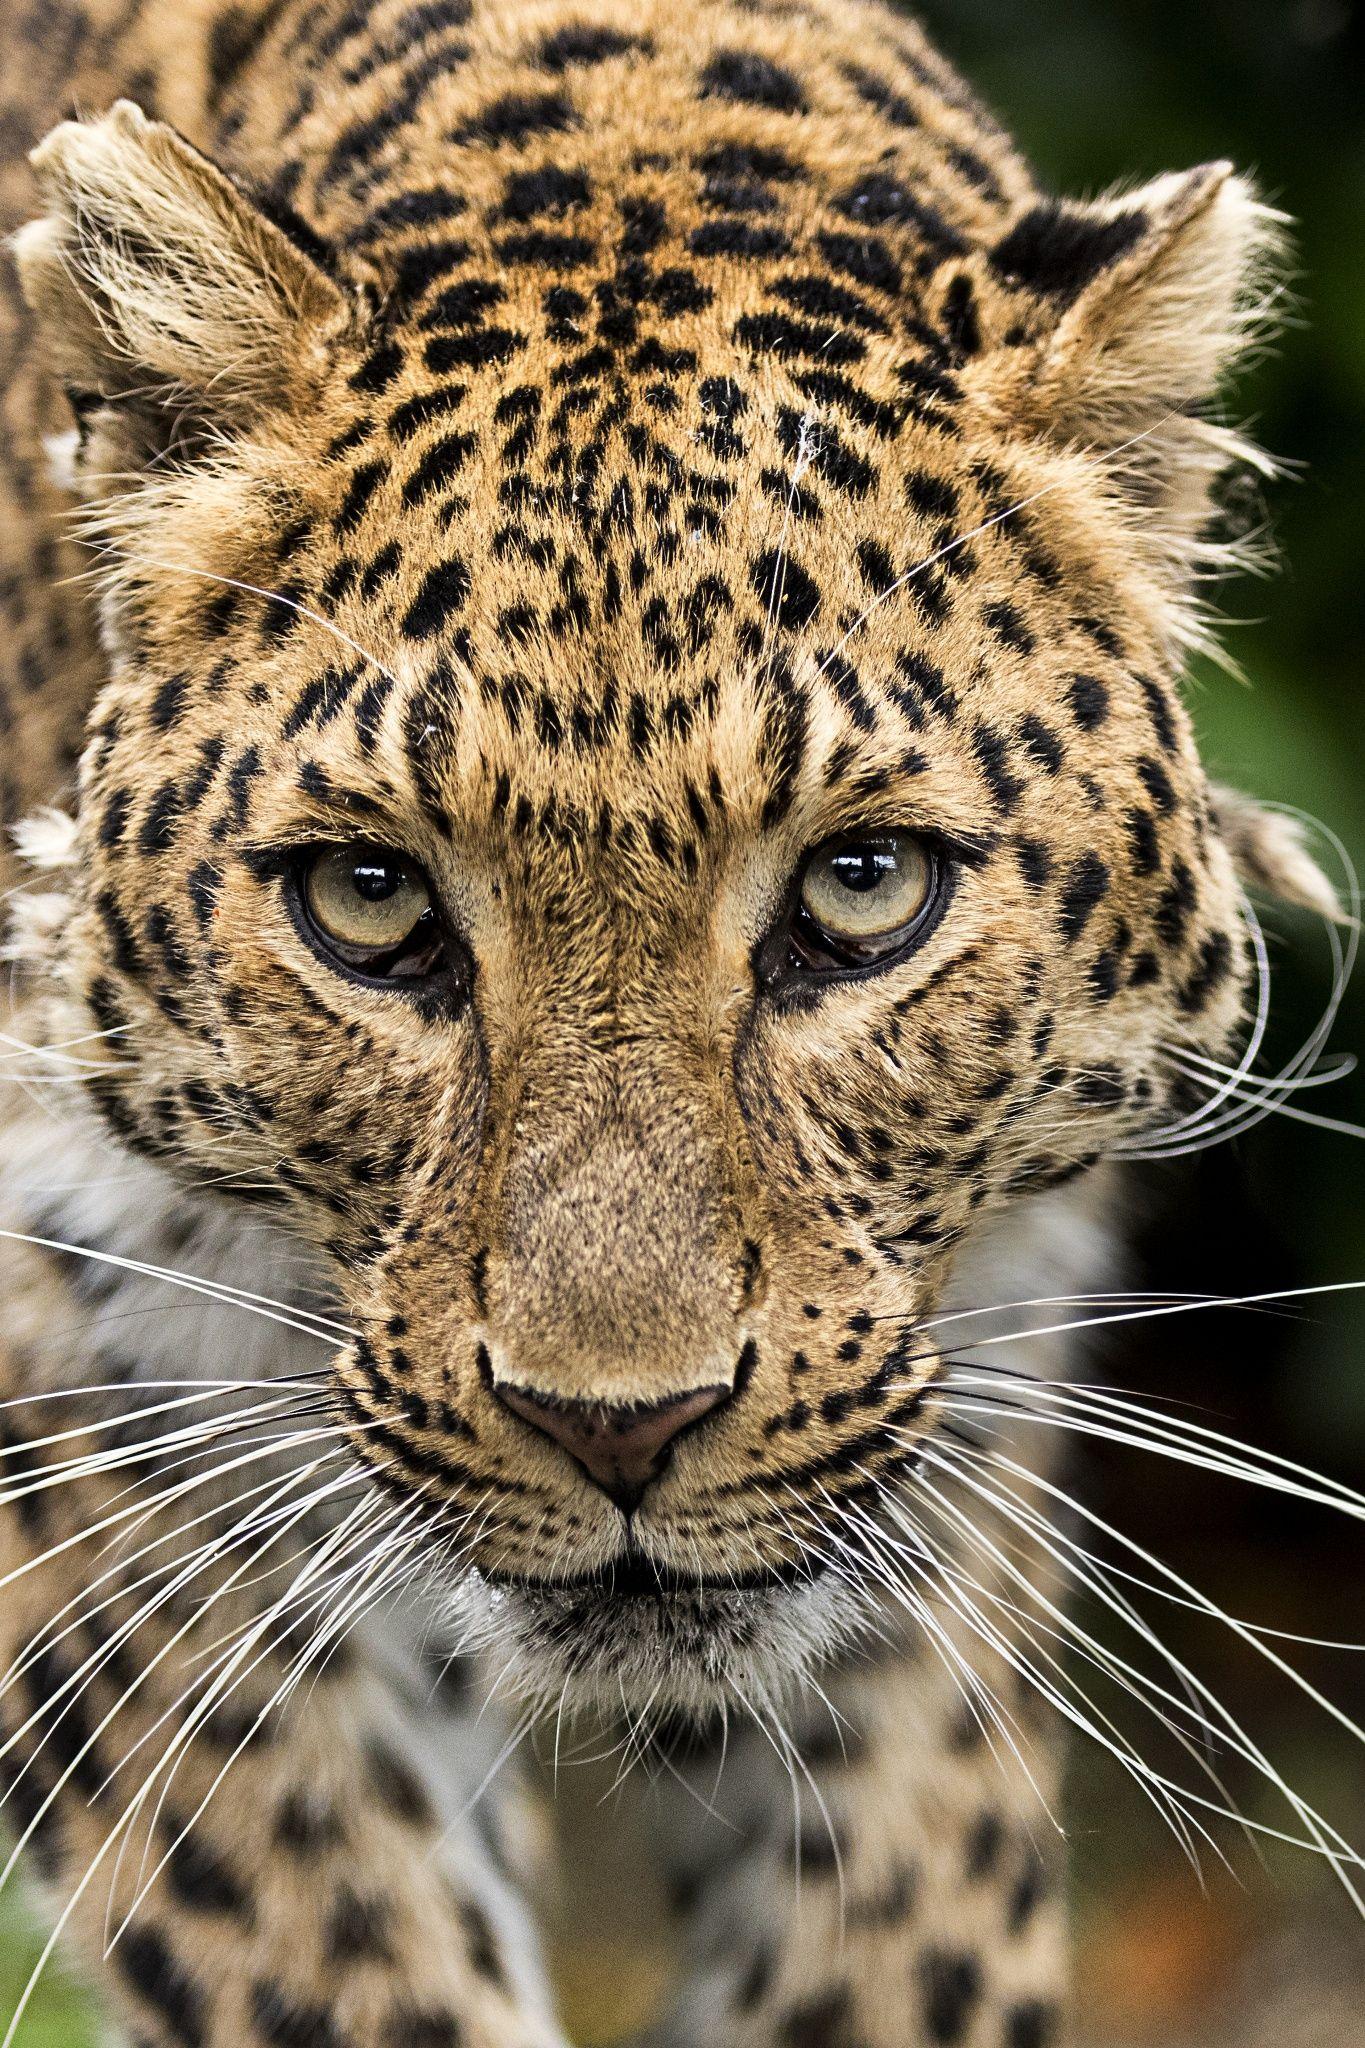 Amur leopard | Big cats!!! | Pinterest | Amur leopard ...